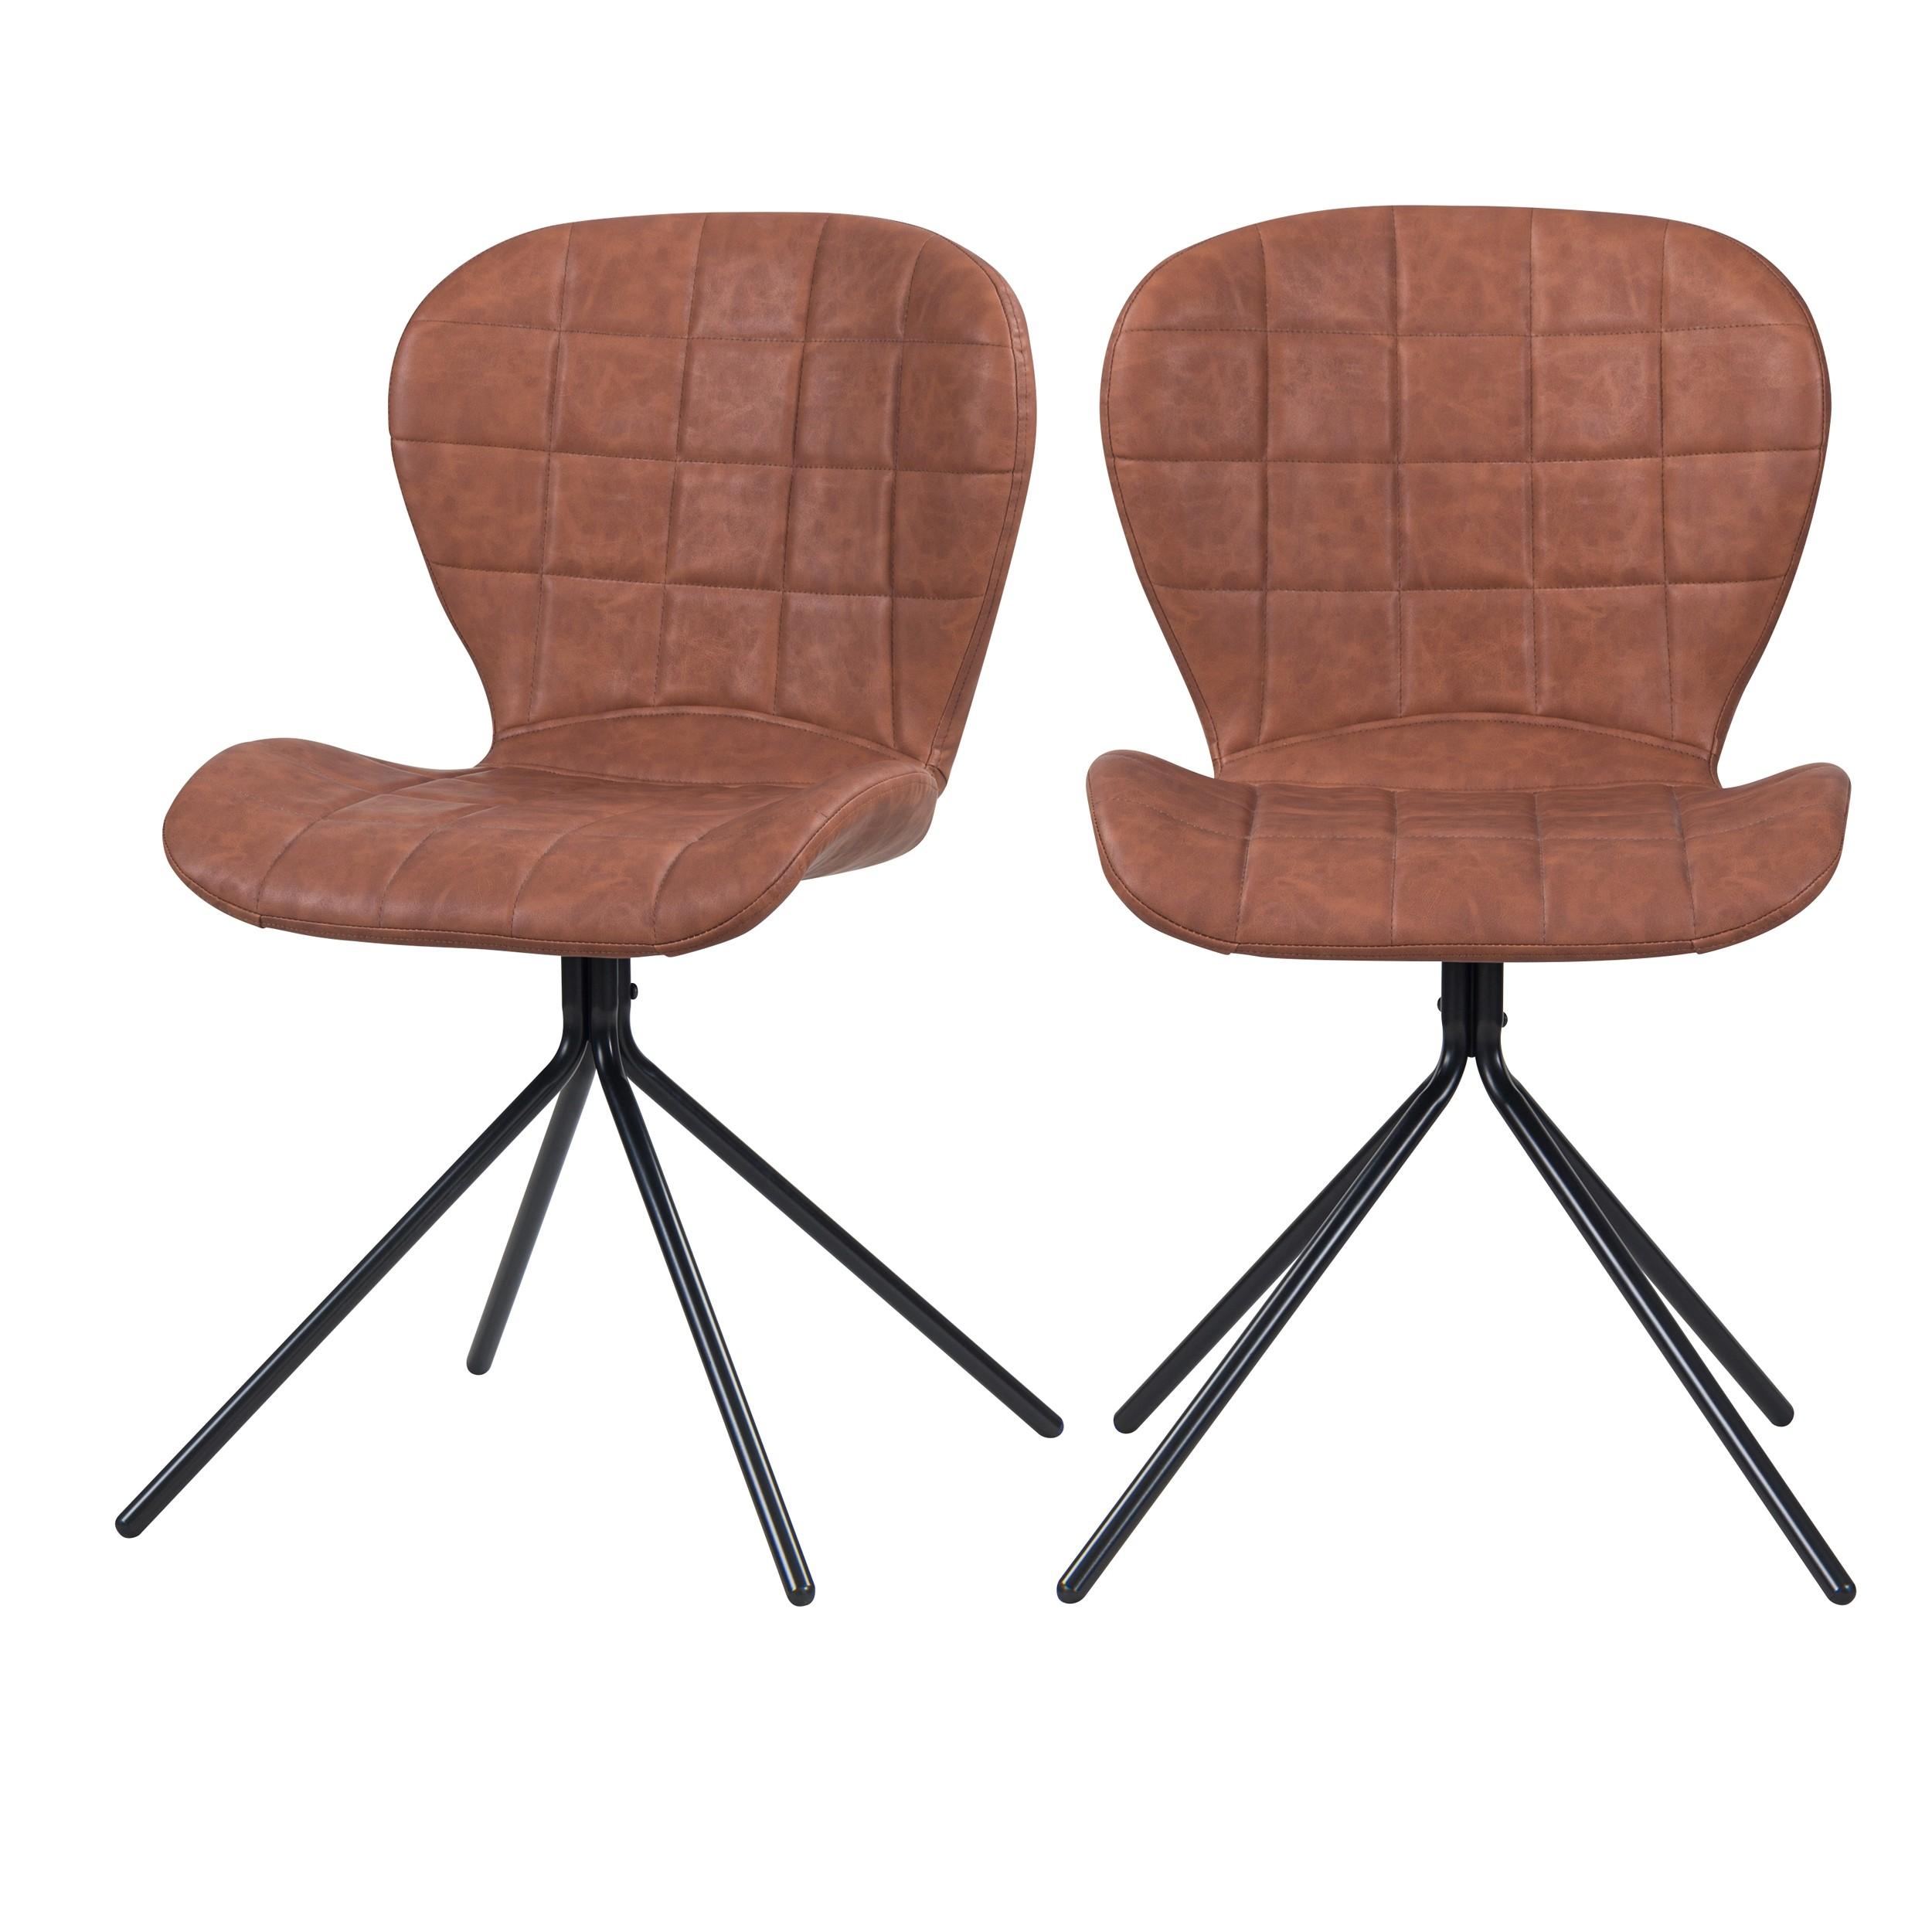 achat chaise lot de 2 marron